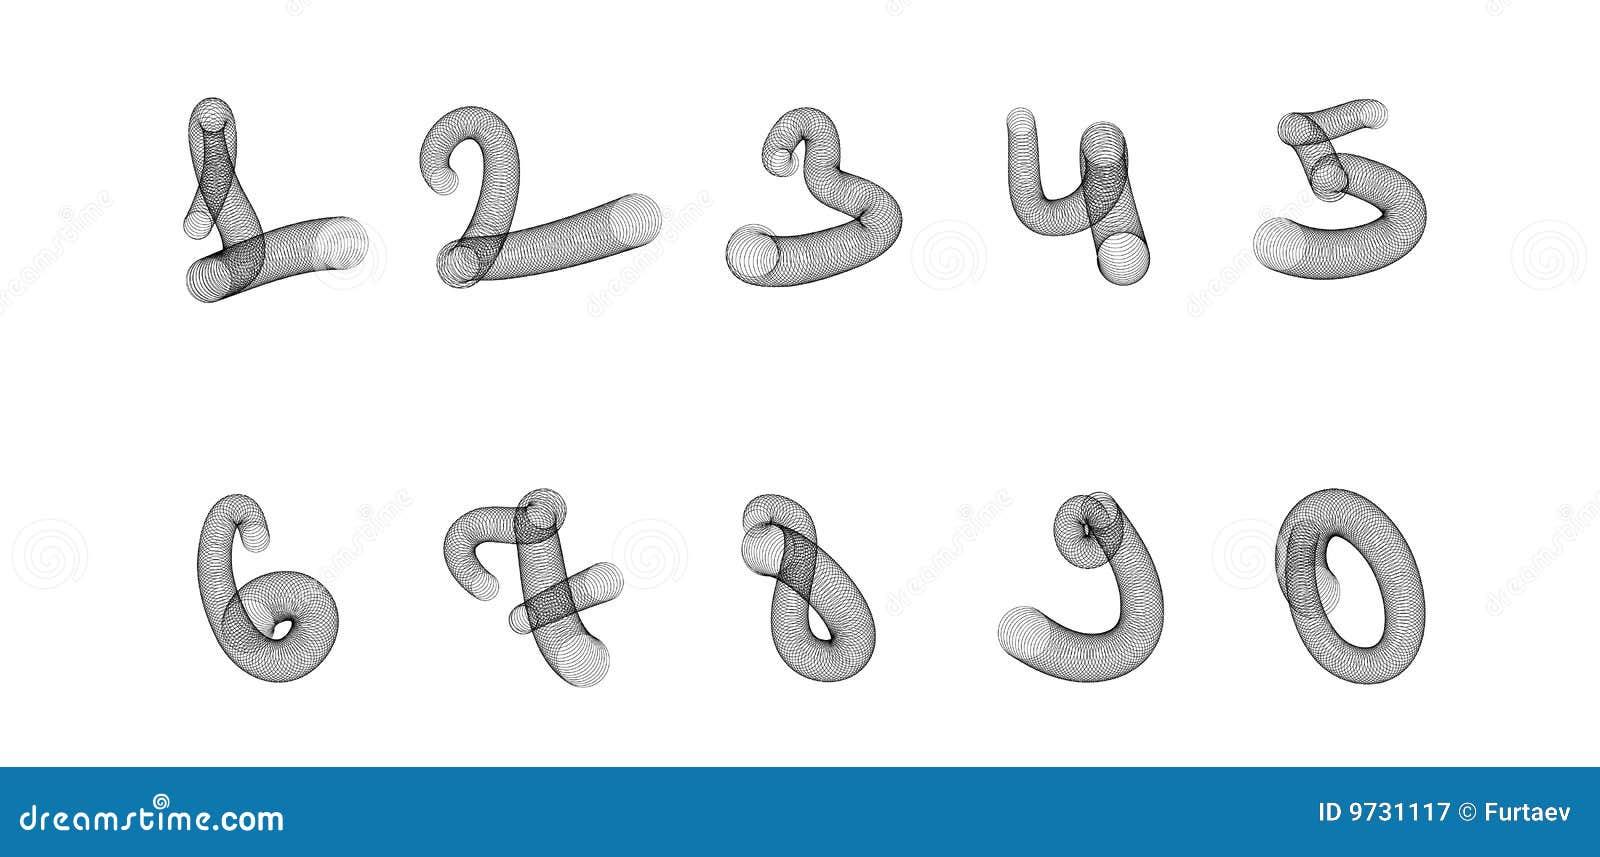 手写数字九_漂亮的手写数字_手写艺术数字_银行数字手写 - 黑马素材网图片